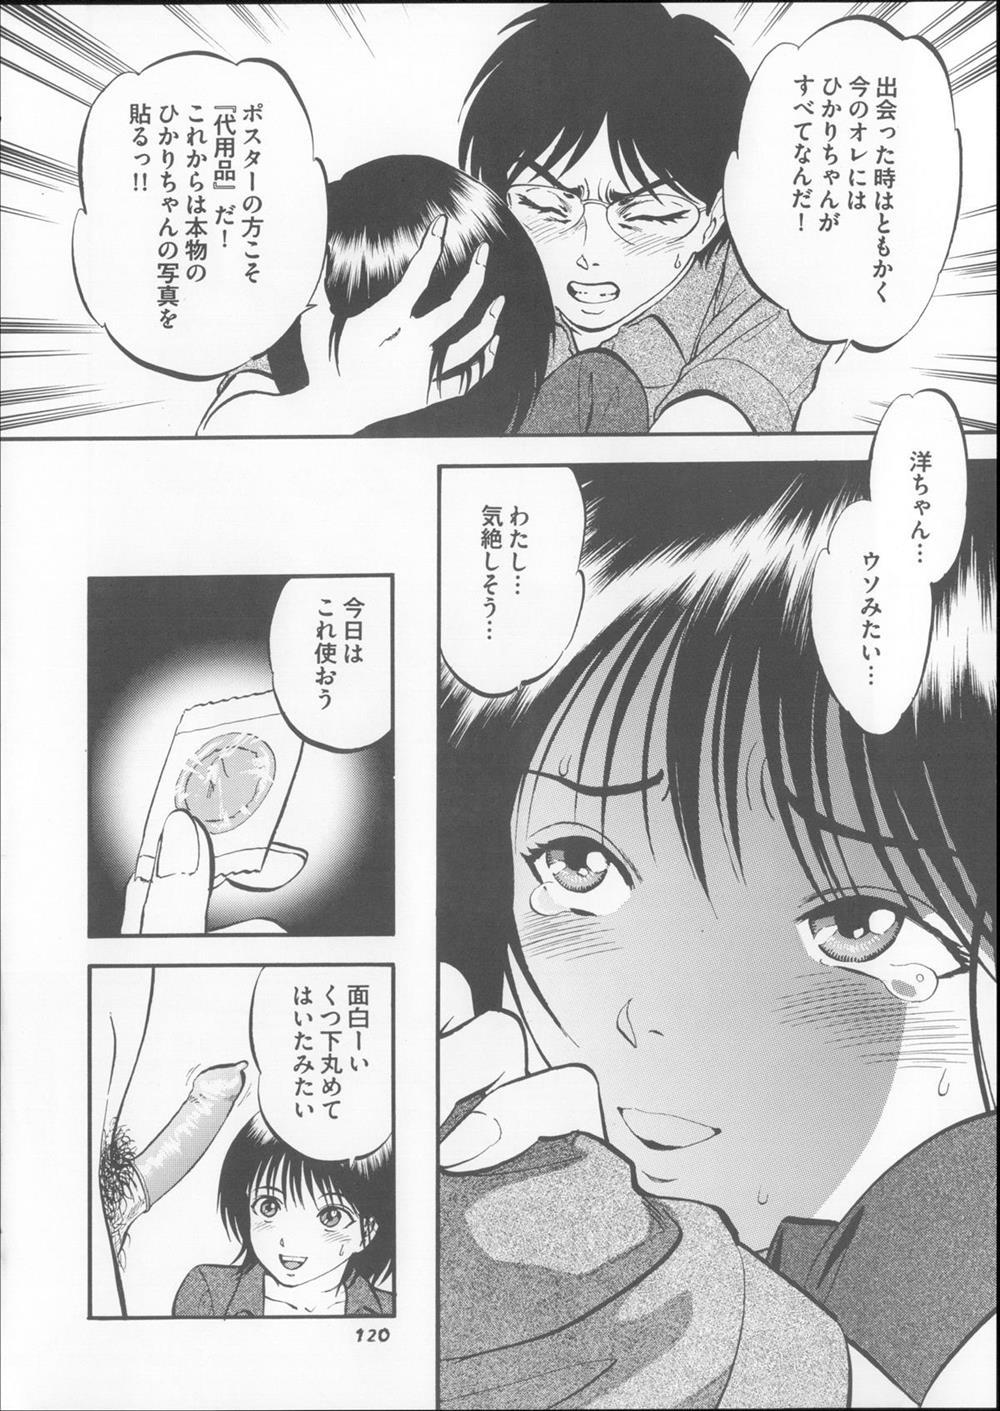 クリトリスの皮を剥かれて敏感になった女の子www同級生にいたずらされまくるwww【エロ漫画・エロ同人】 (119)